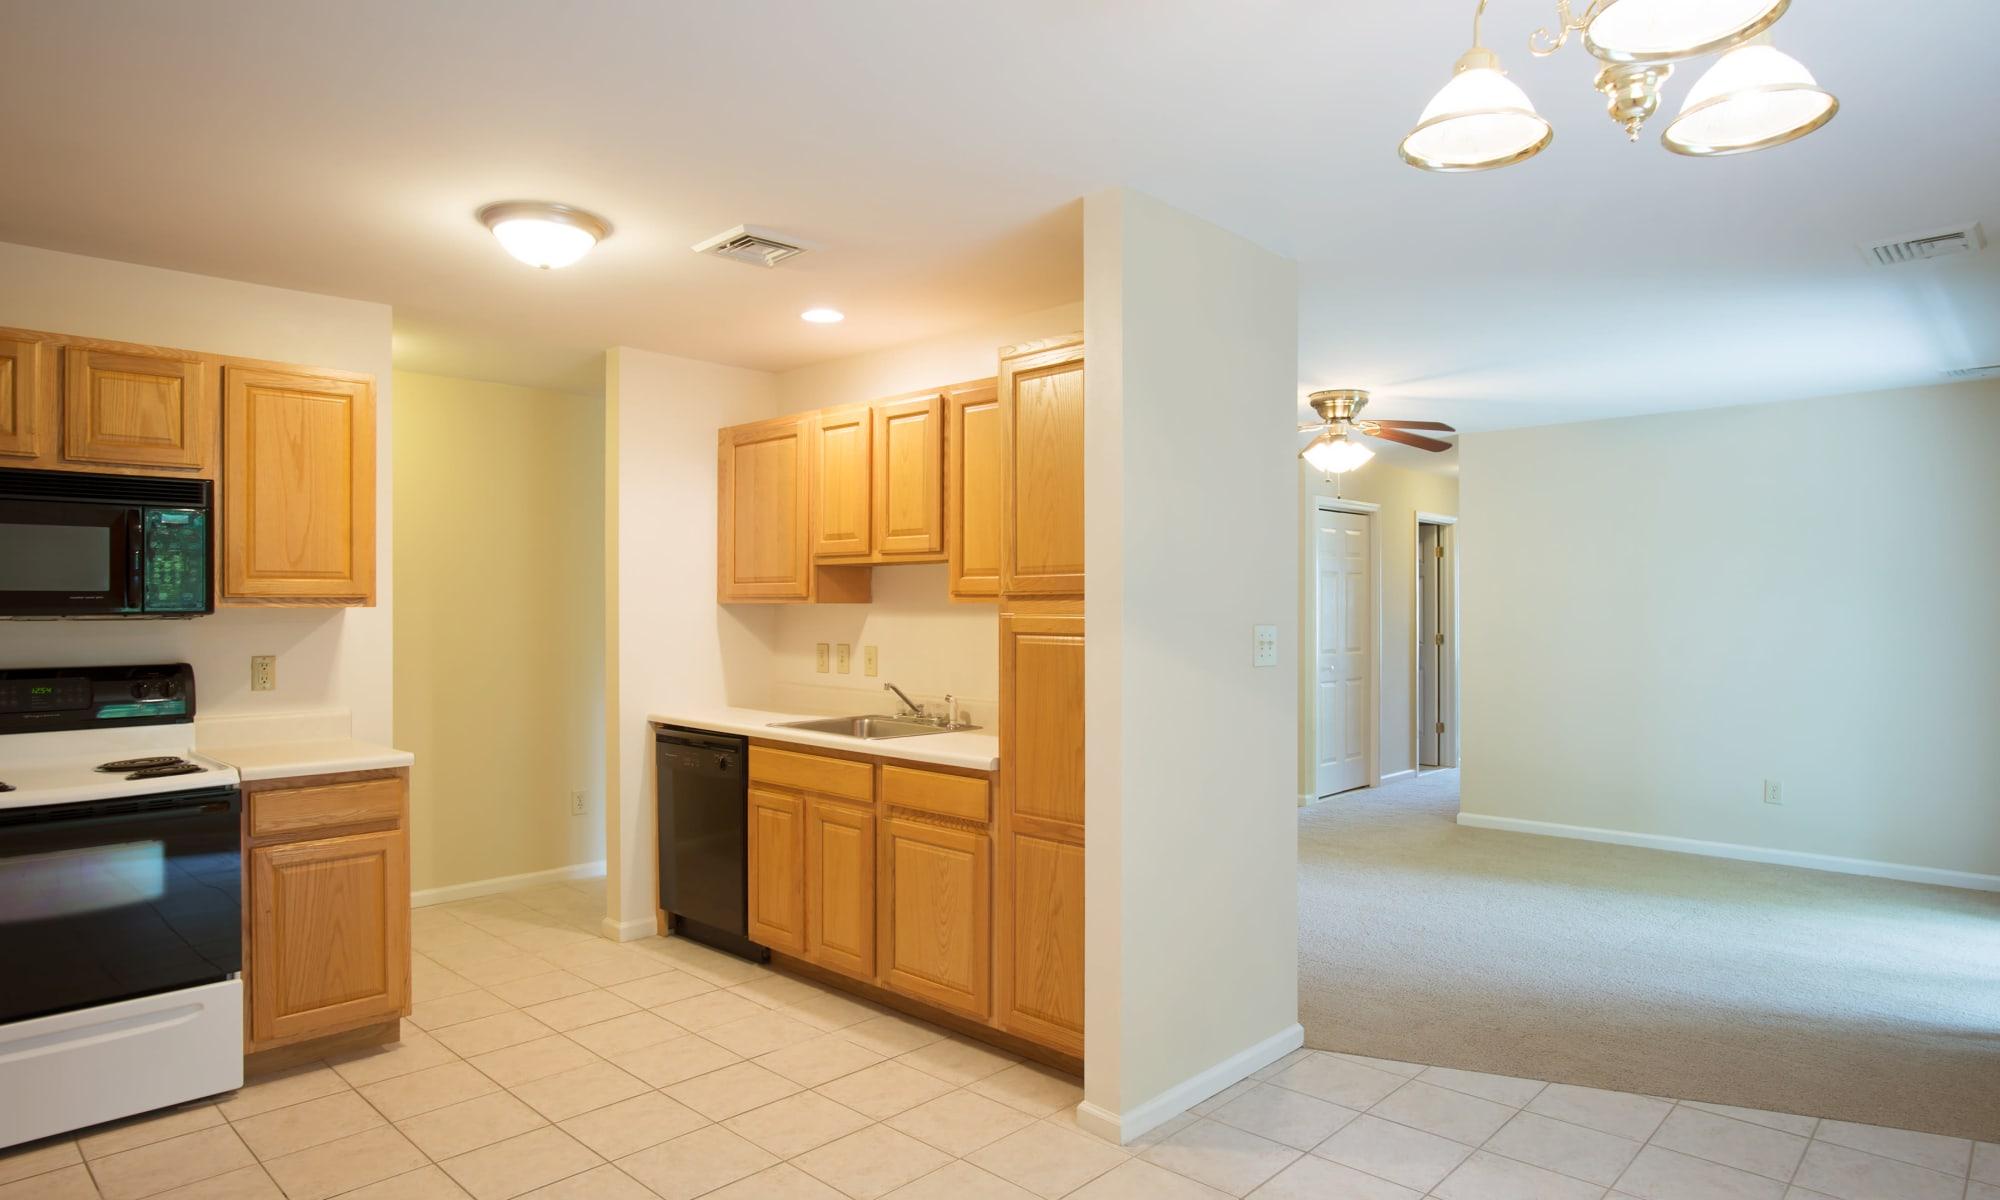 Apartments in Glenmont, NY